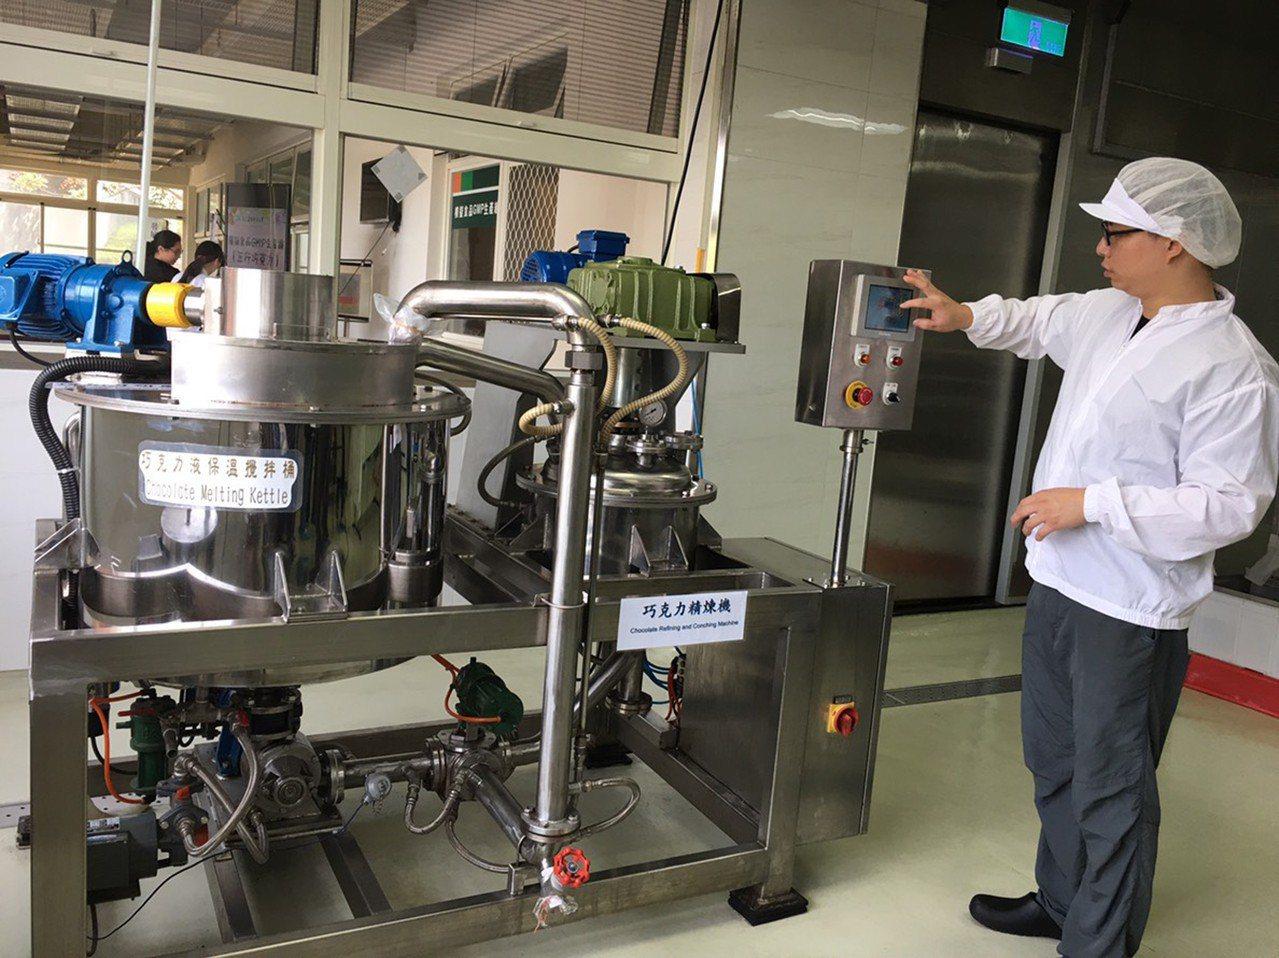 屏東科技大學設置模擬食品GMP的巧克力生產線,在食品科學系教授許祥純帶領下,碩士...